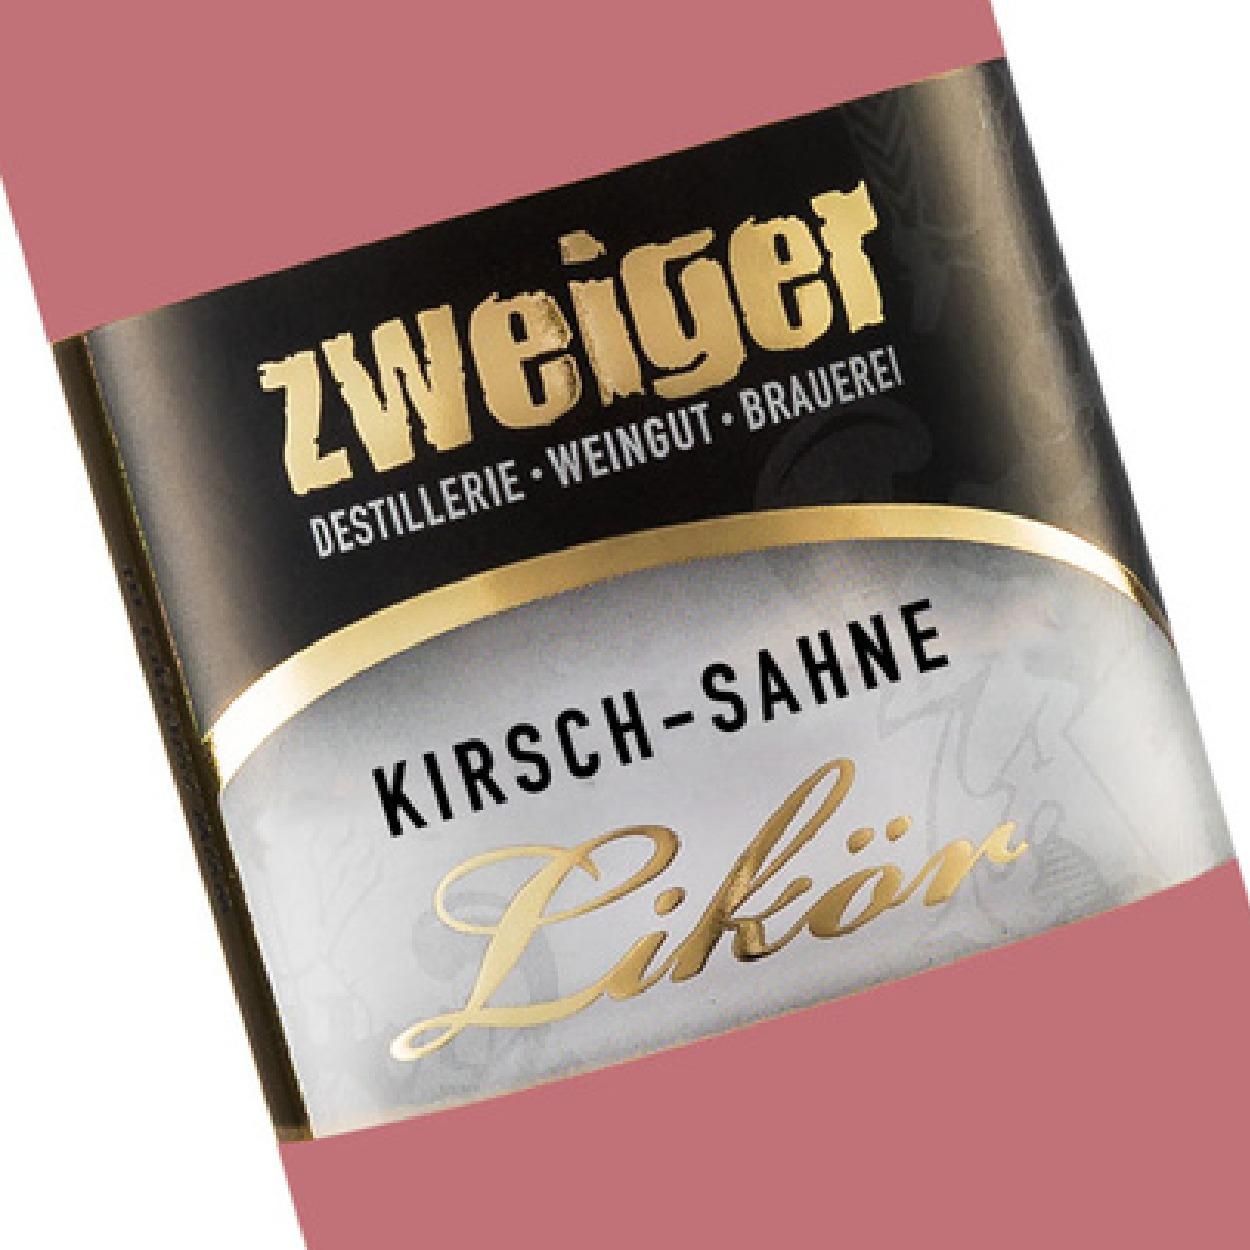 Kirsch-Sahne Cremelikör Zweiger Destillerie